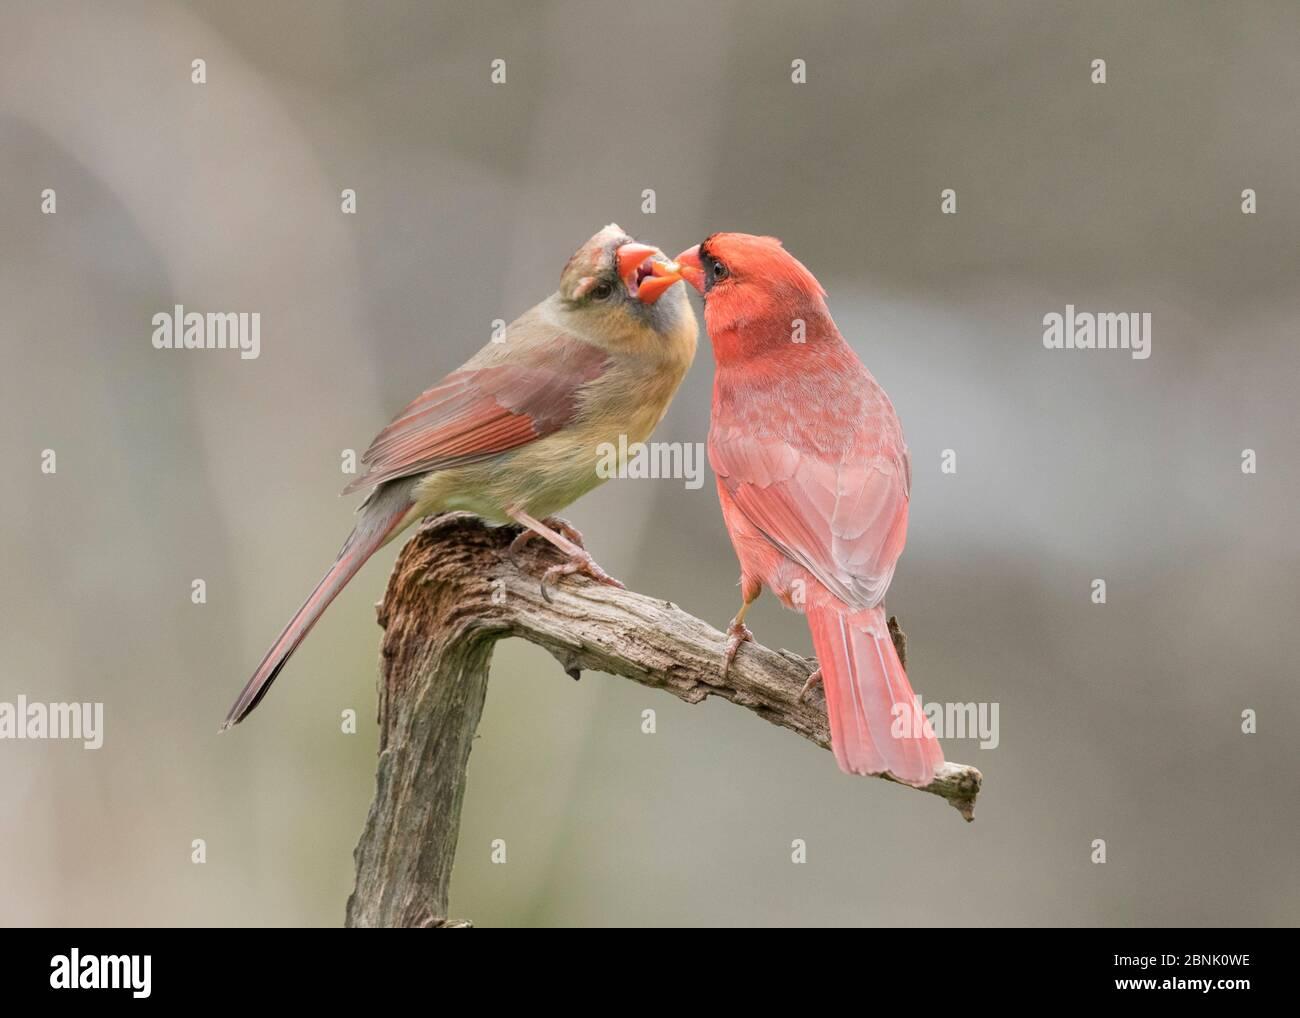 Cardinal du Nord (Cardinalis cardinalis) mâle (à droite) alimentant son compagnon au printemps dans le cadre de la formation de la cour/paire, appelée « alloalimentation », New York, Banque D'Images